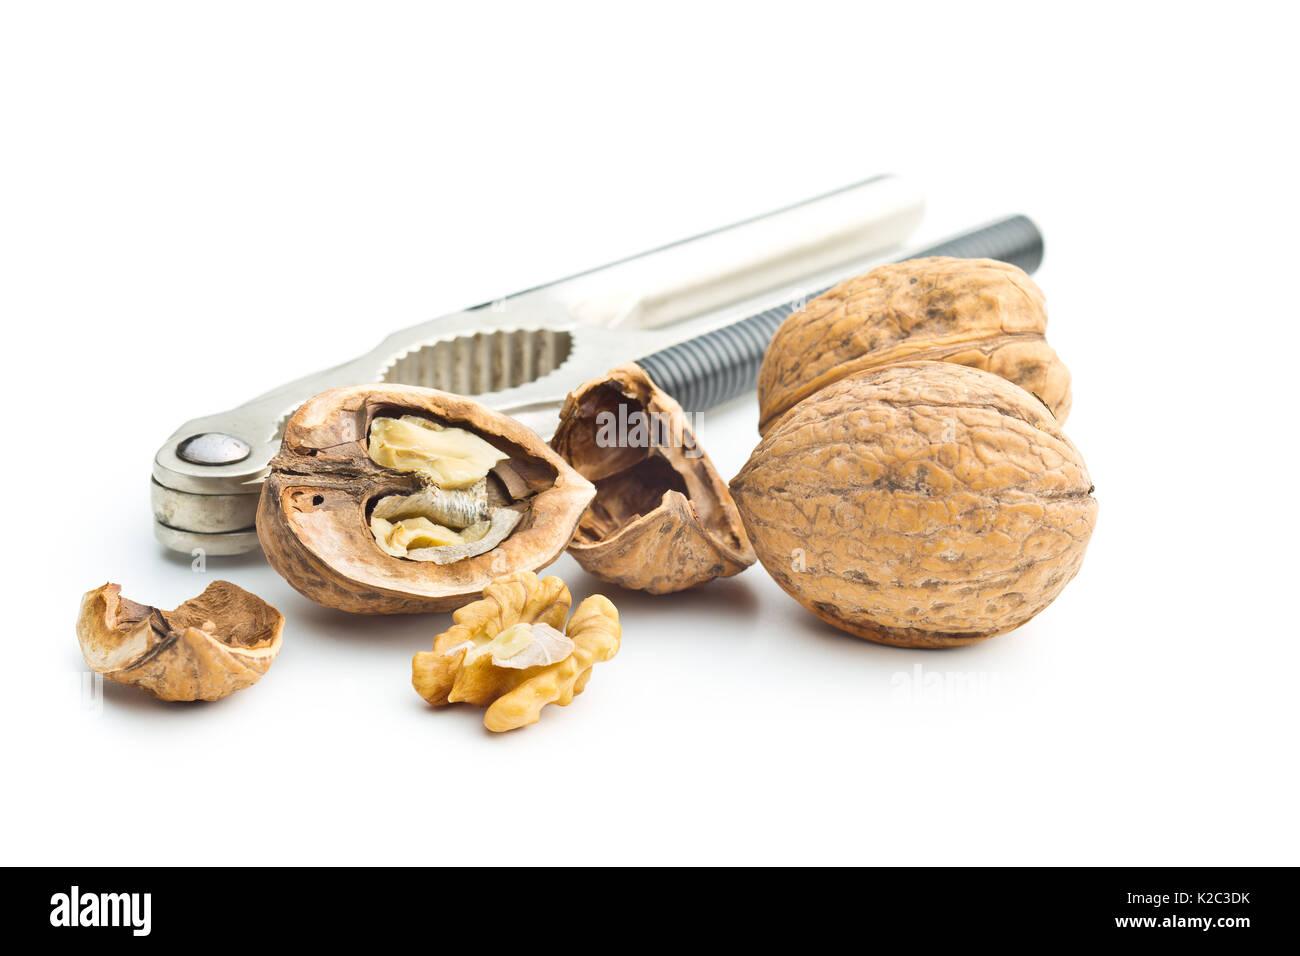 Nueces secas agrietado y cascanueces aislado sobre fondo blanco. Imagen De Stock